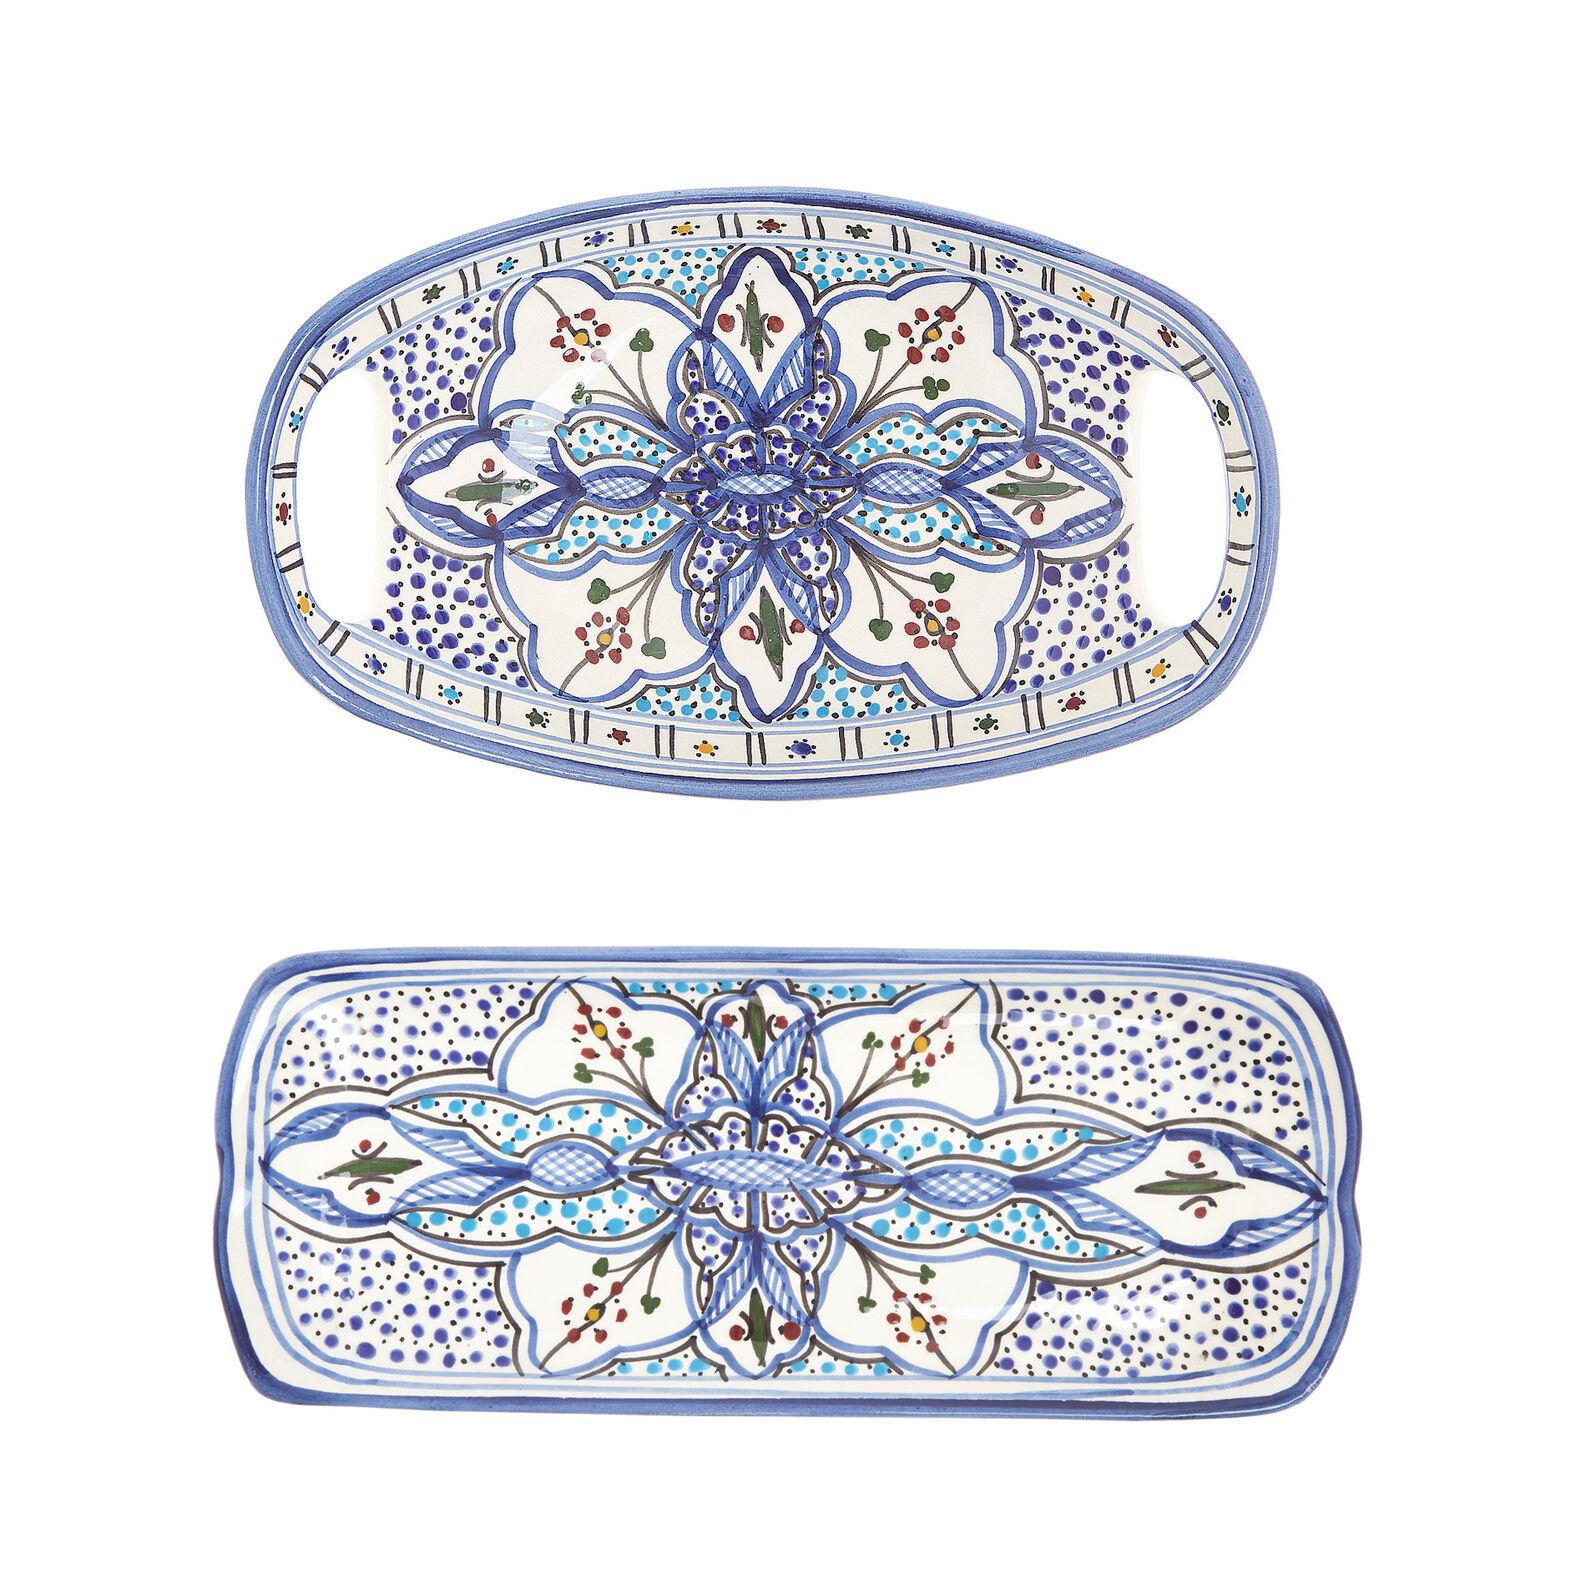 Piatto ovale ceramica artigianale UNIDO